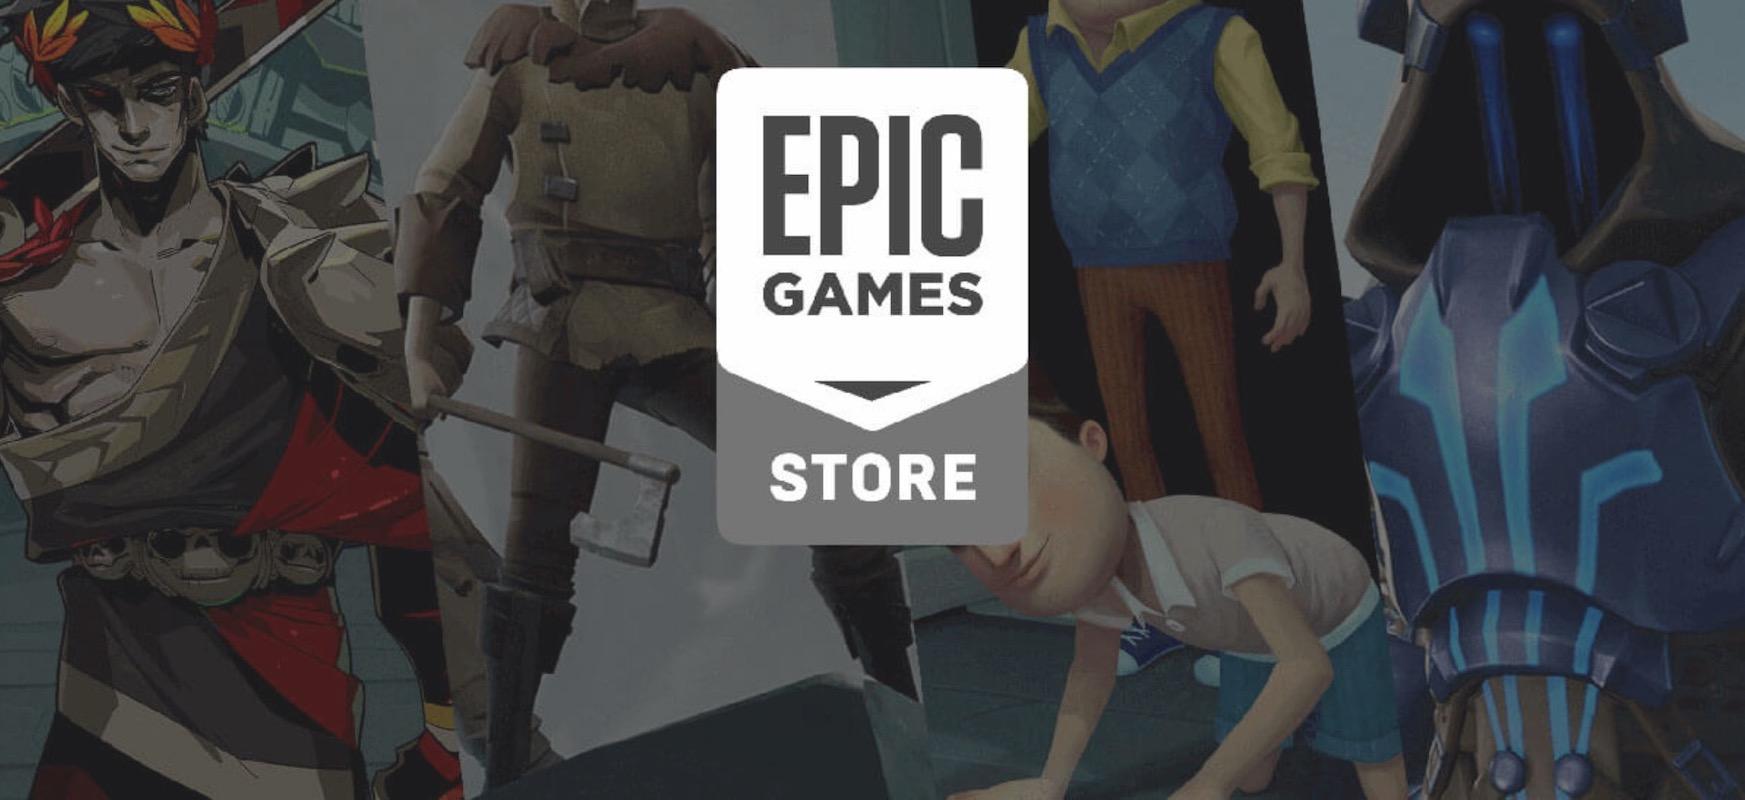 Epic Games Store-k Steam lotsatzen du.  Sustapenaren aurretik erositako jokoetarako dirua itzultzen du